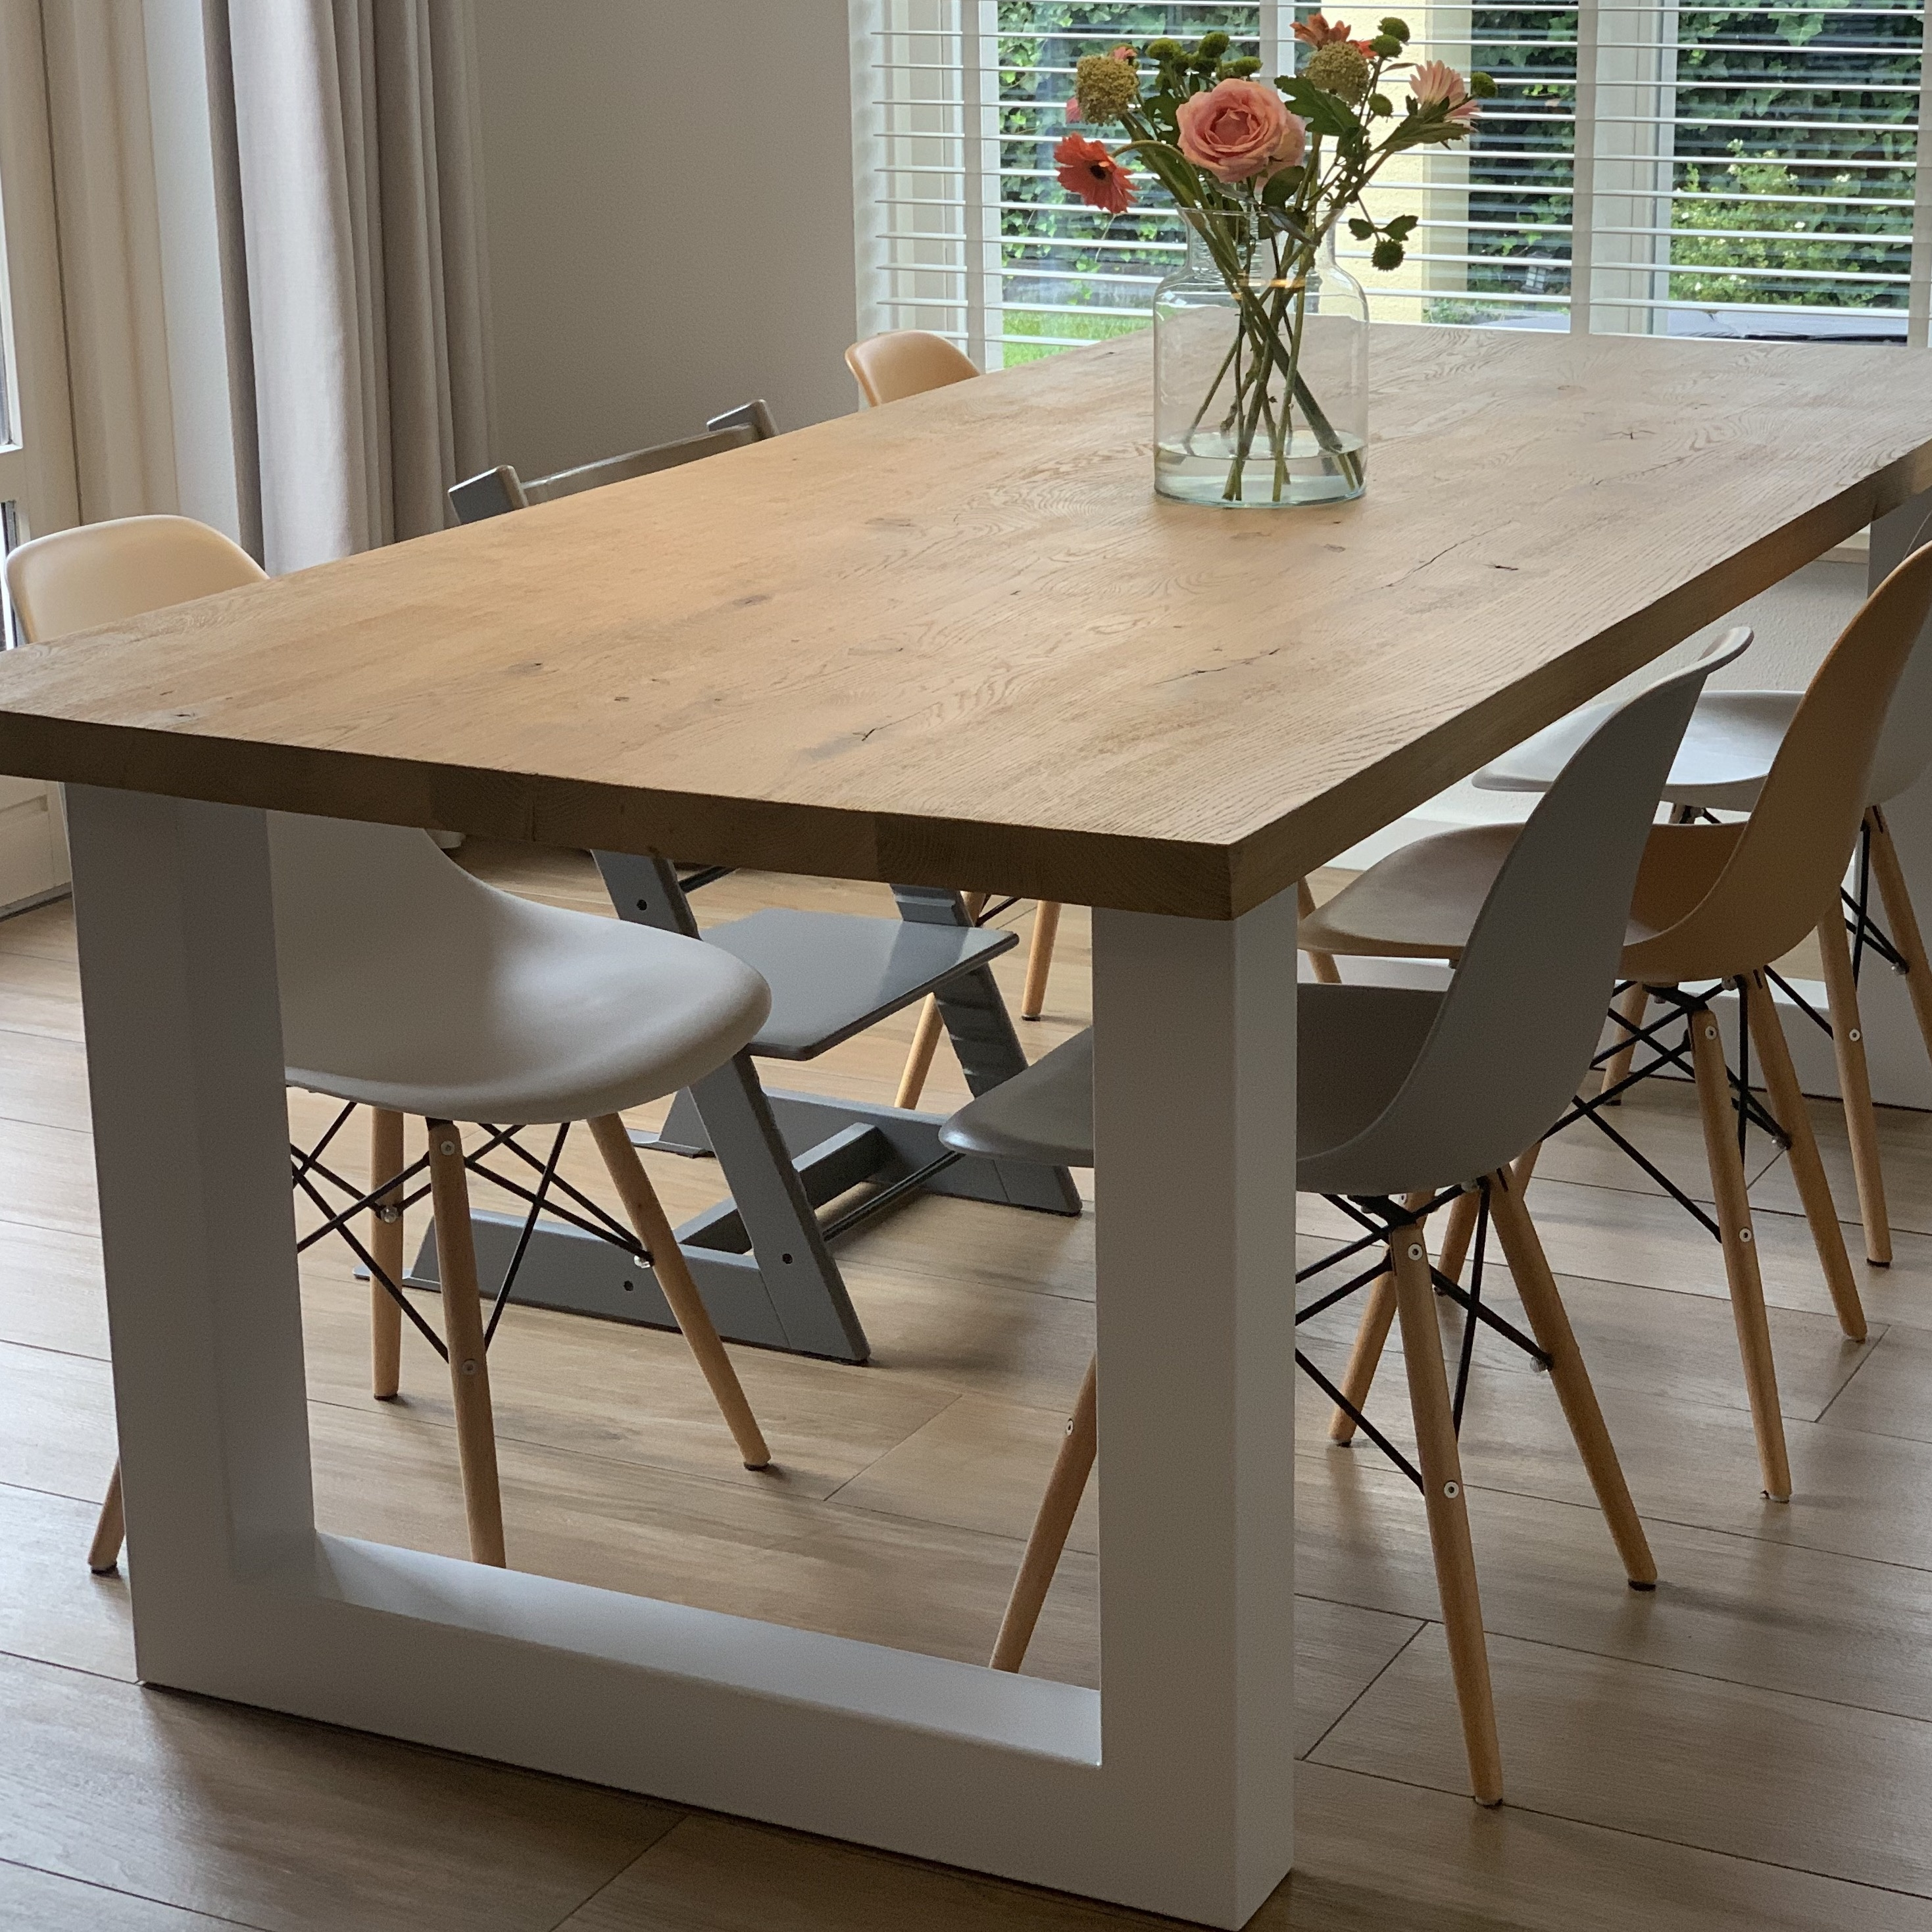 Tischplatte Wildeiche - eckig - 4,5 cm dick - verschiedene Größen - Asteiche (rustikal) - Gebürstet - Eiche Tischplatte - Verleimt & künstlich getrocknet (HF 8-12%)